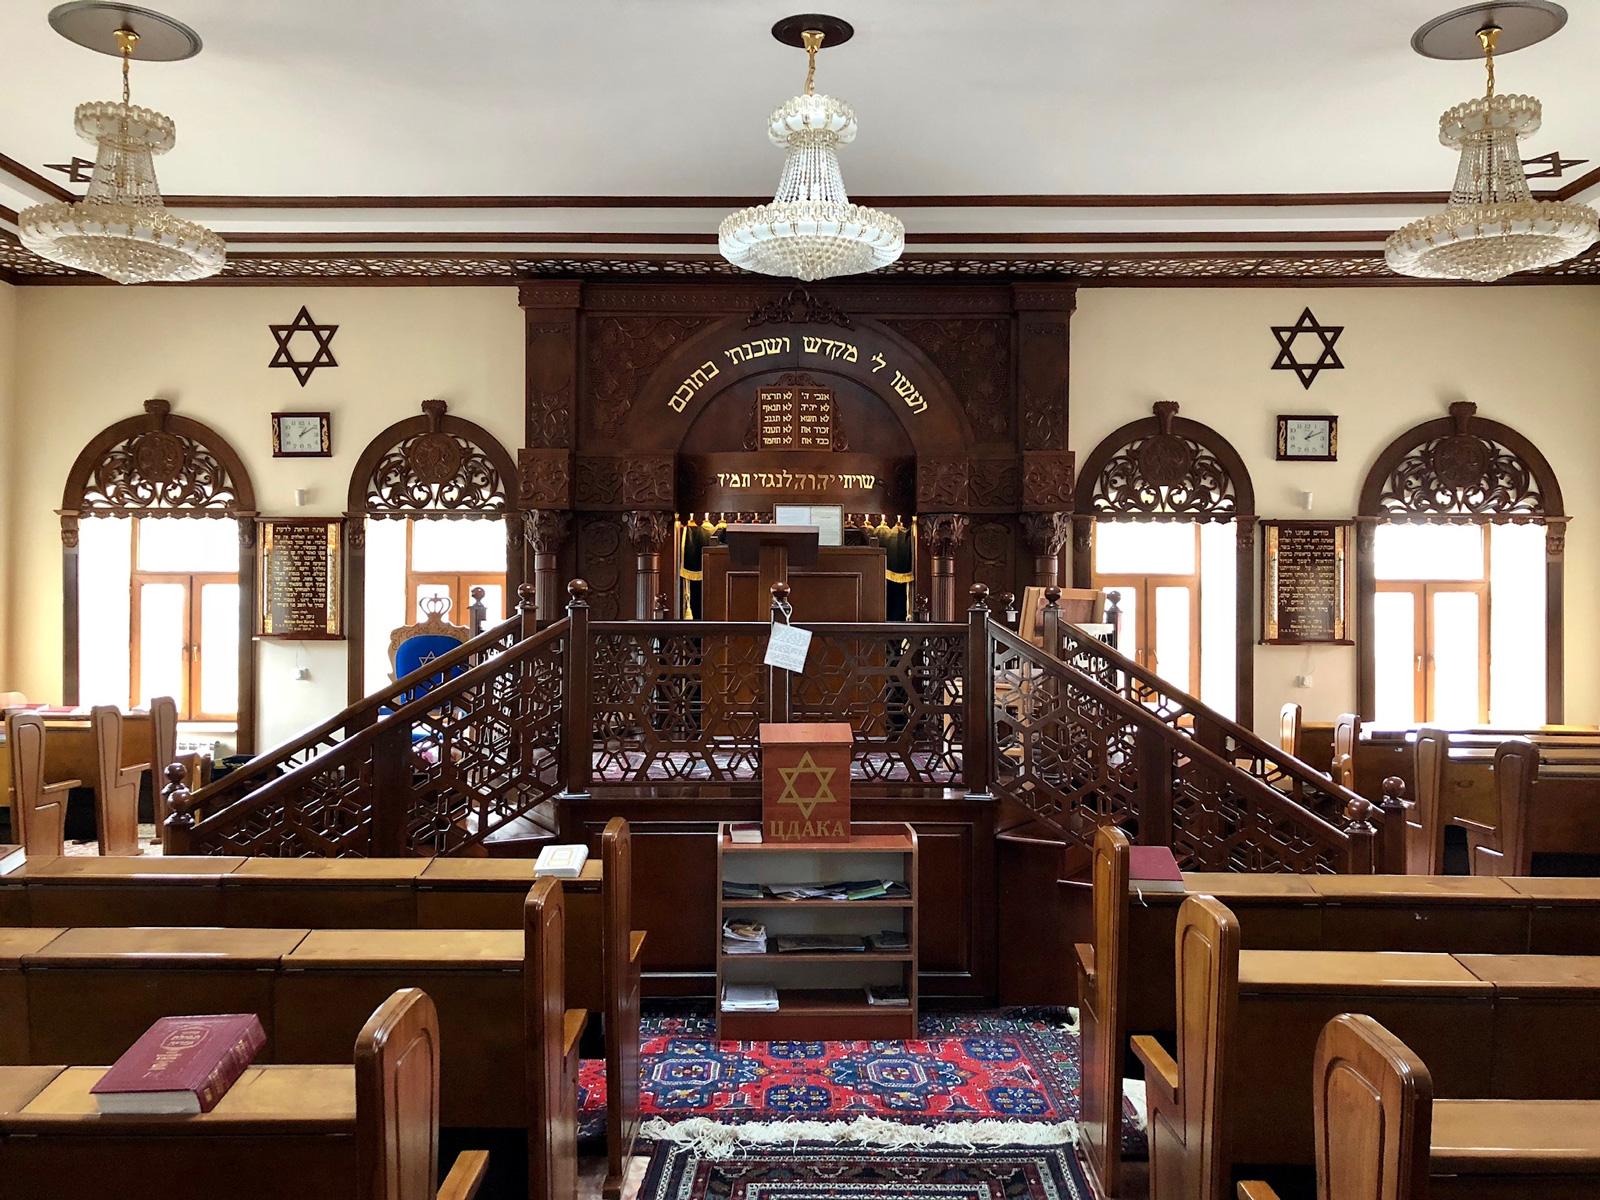 בתוך בית הכנסת. צילום: תום לב